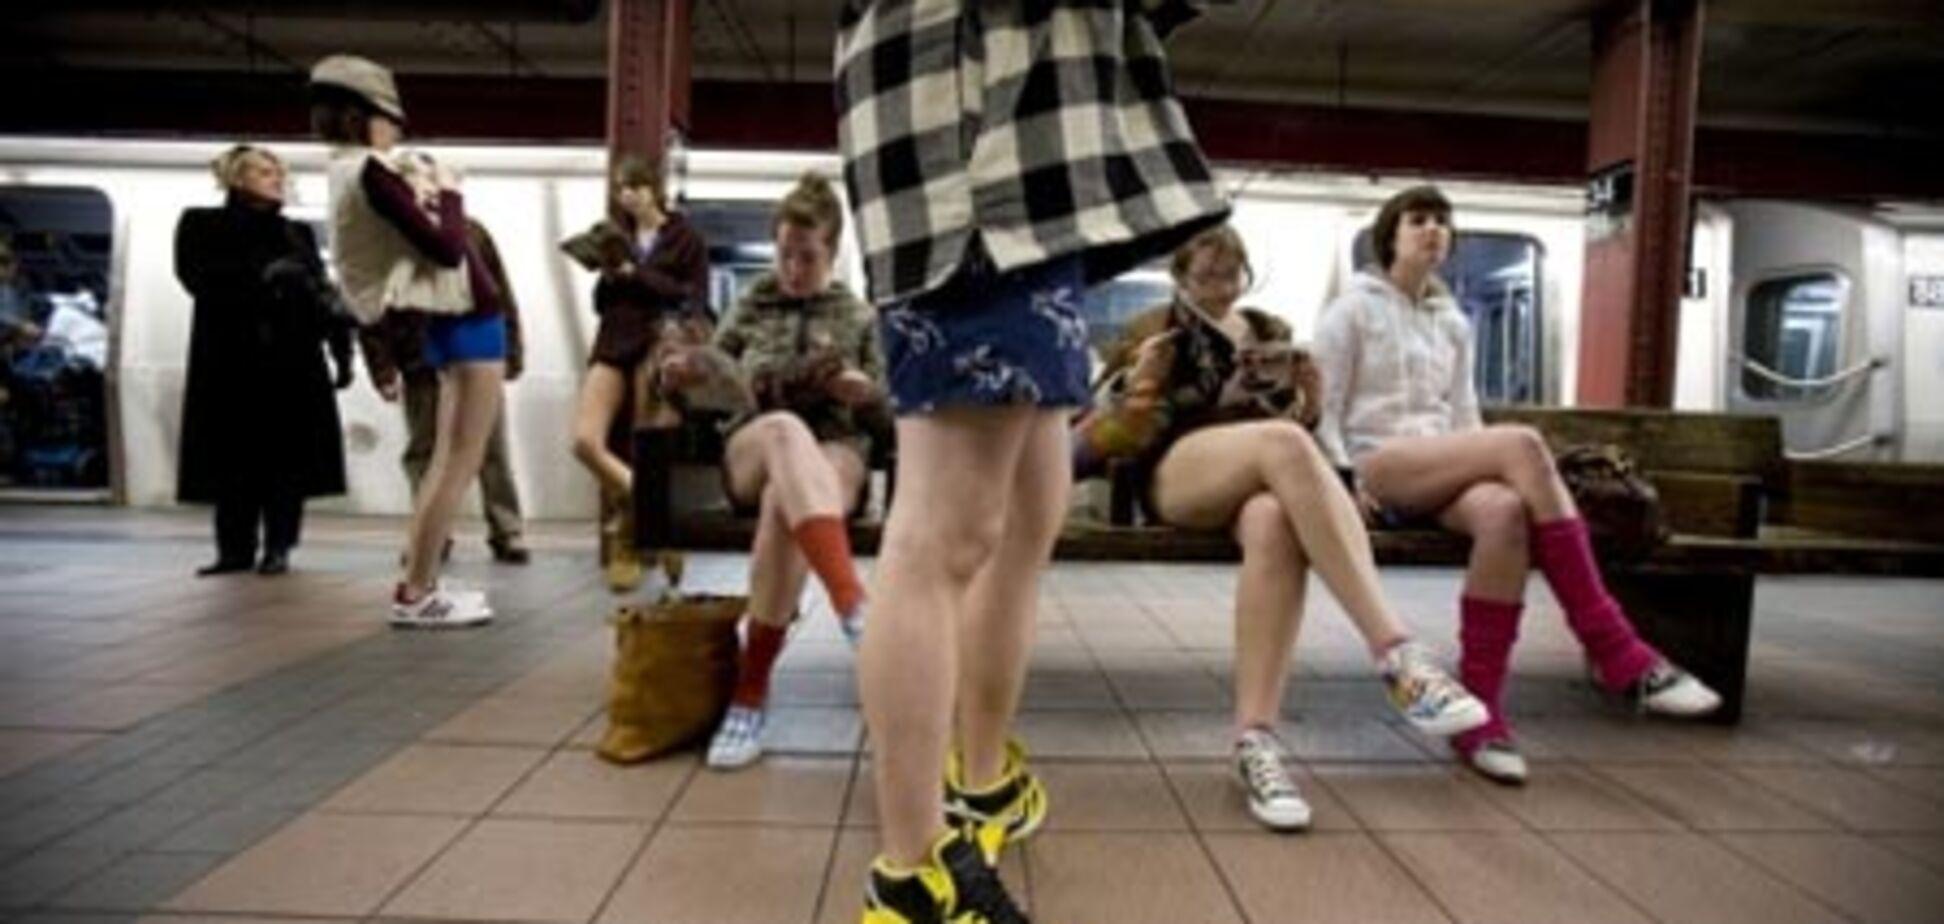 Более 3 тыс. человек проехались без штанов в метро Нью-Йорка